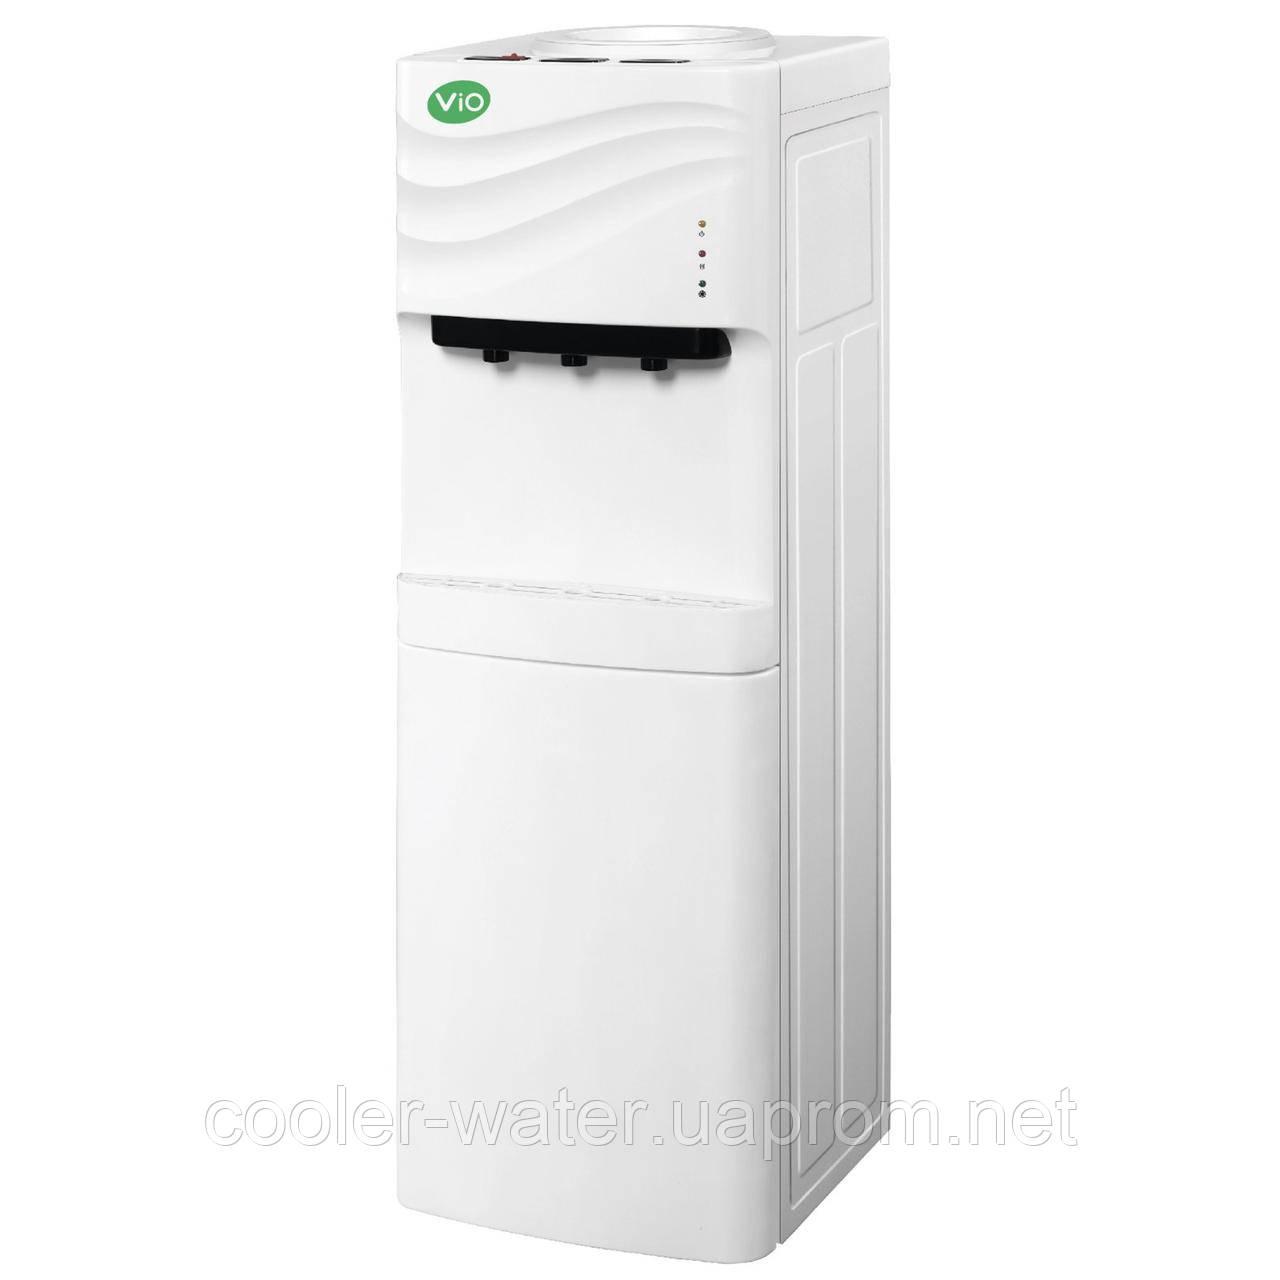 Кулер с электронным охлаждением и шкафчиком ViO X-903 FEC White